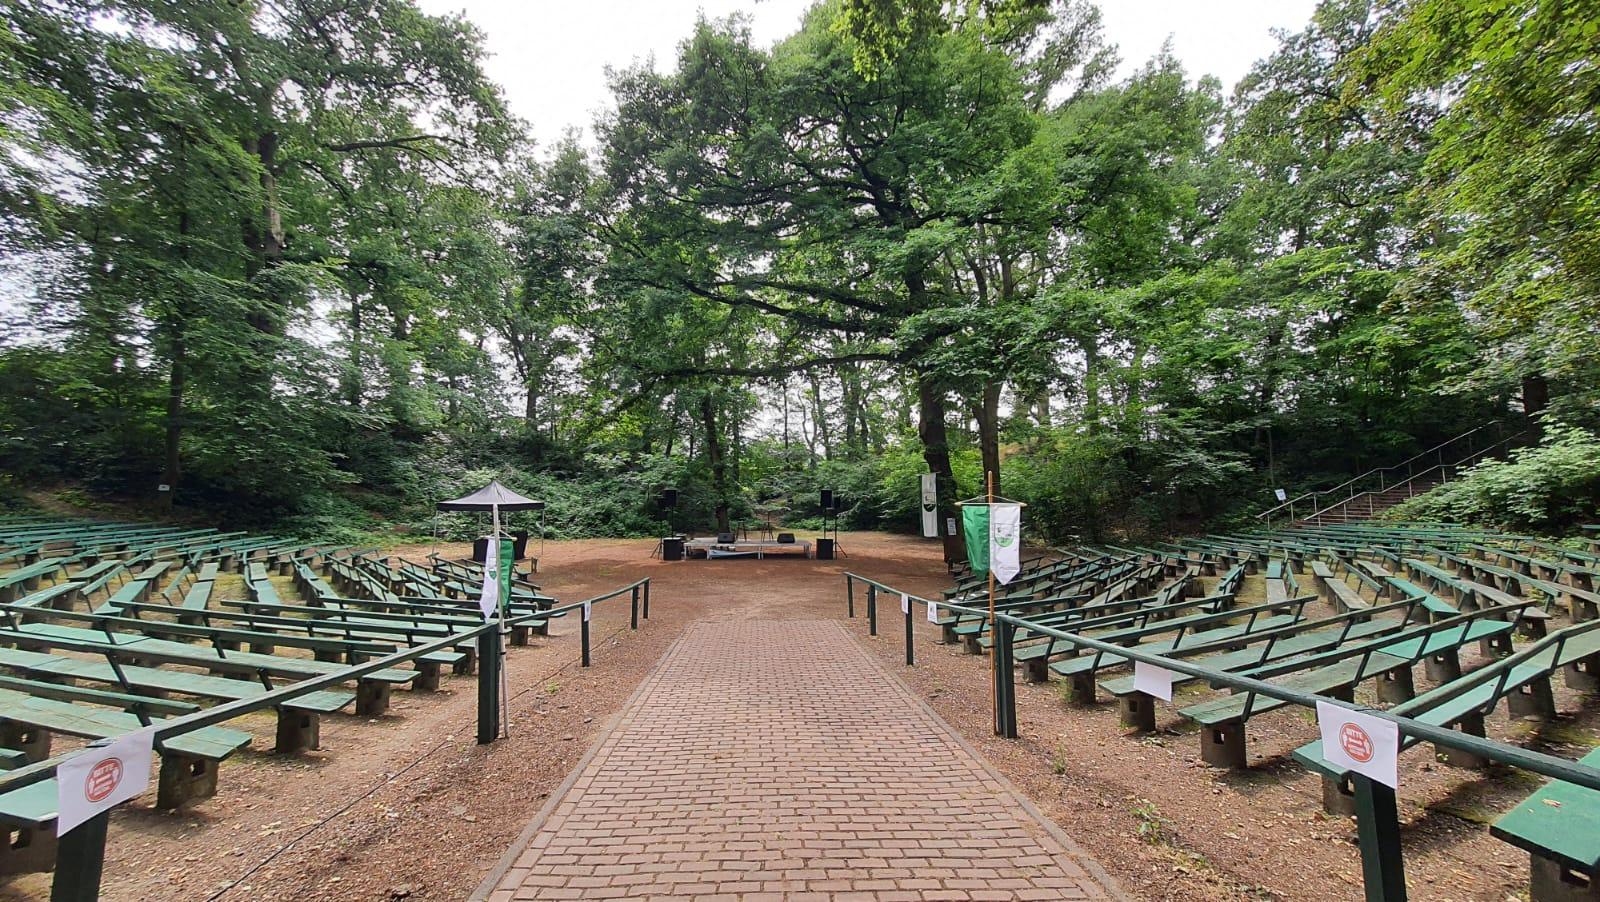 Blick auf die Bühne im leeren Amphitheater Xanten-Birten.